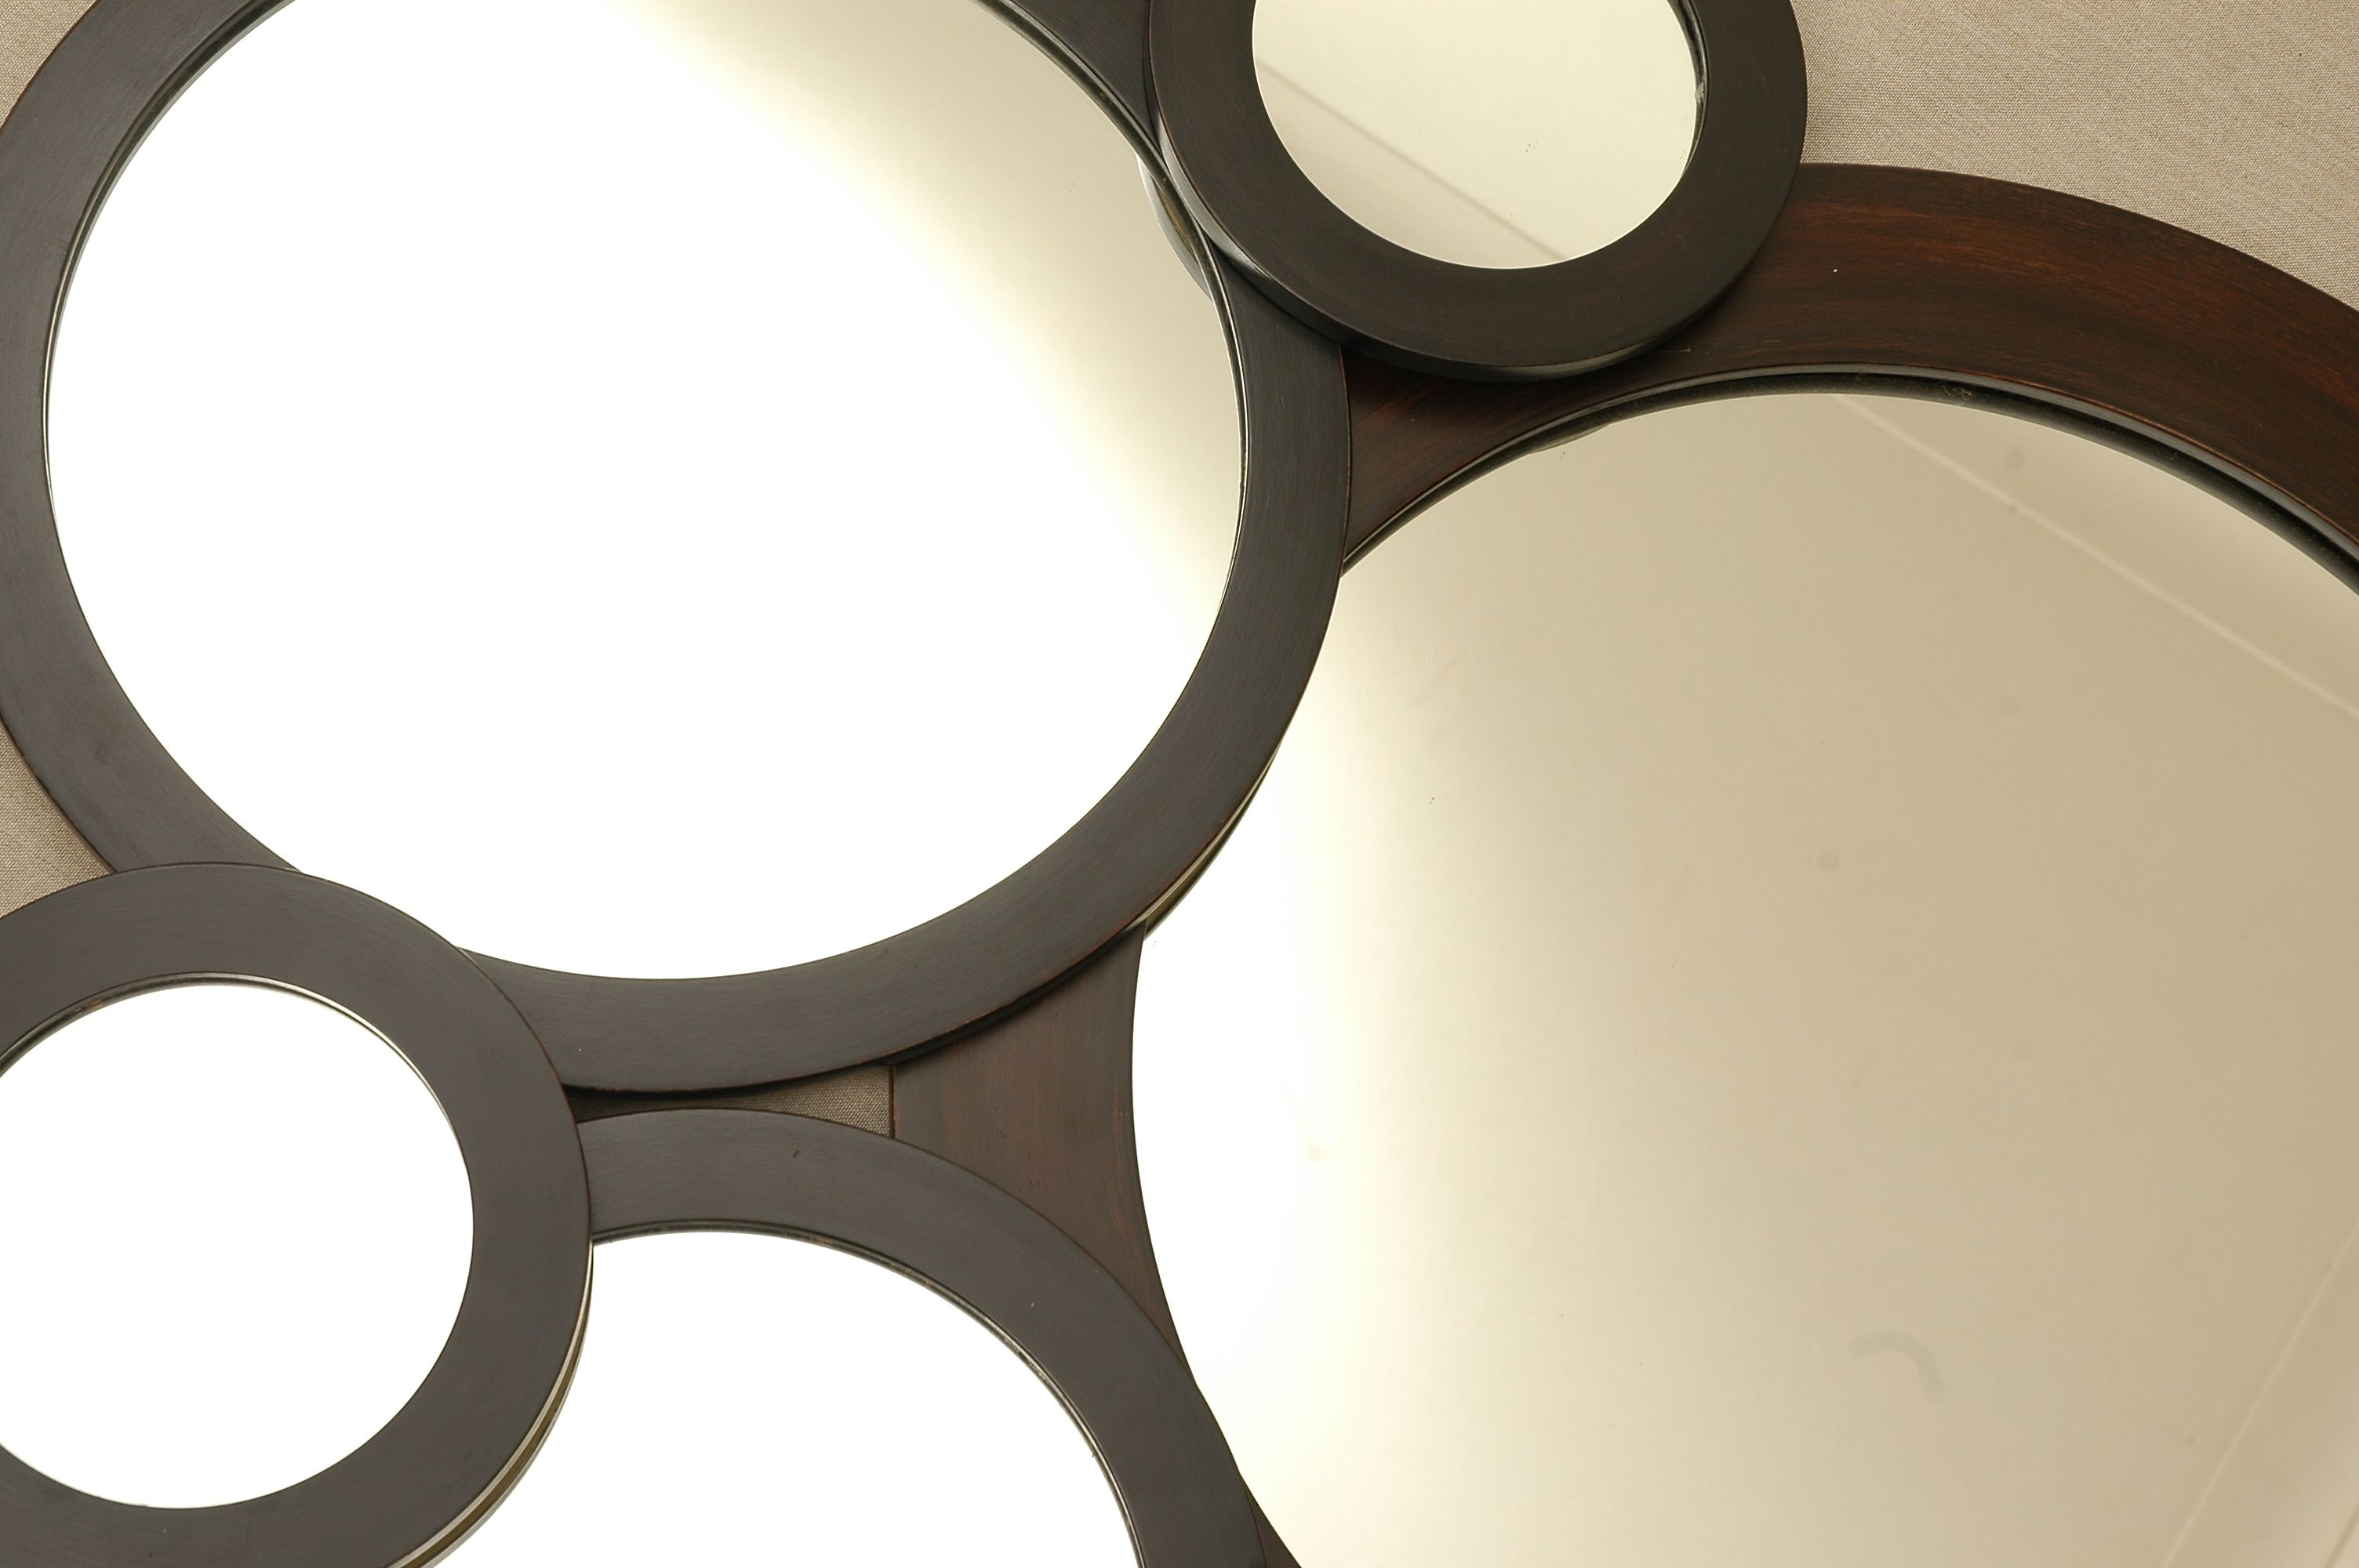 Espejos redondos, con marco de madera. | Espejos | Pinterest ...